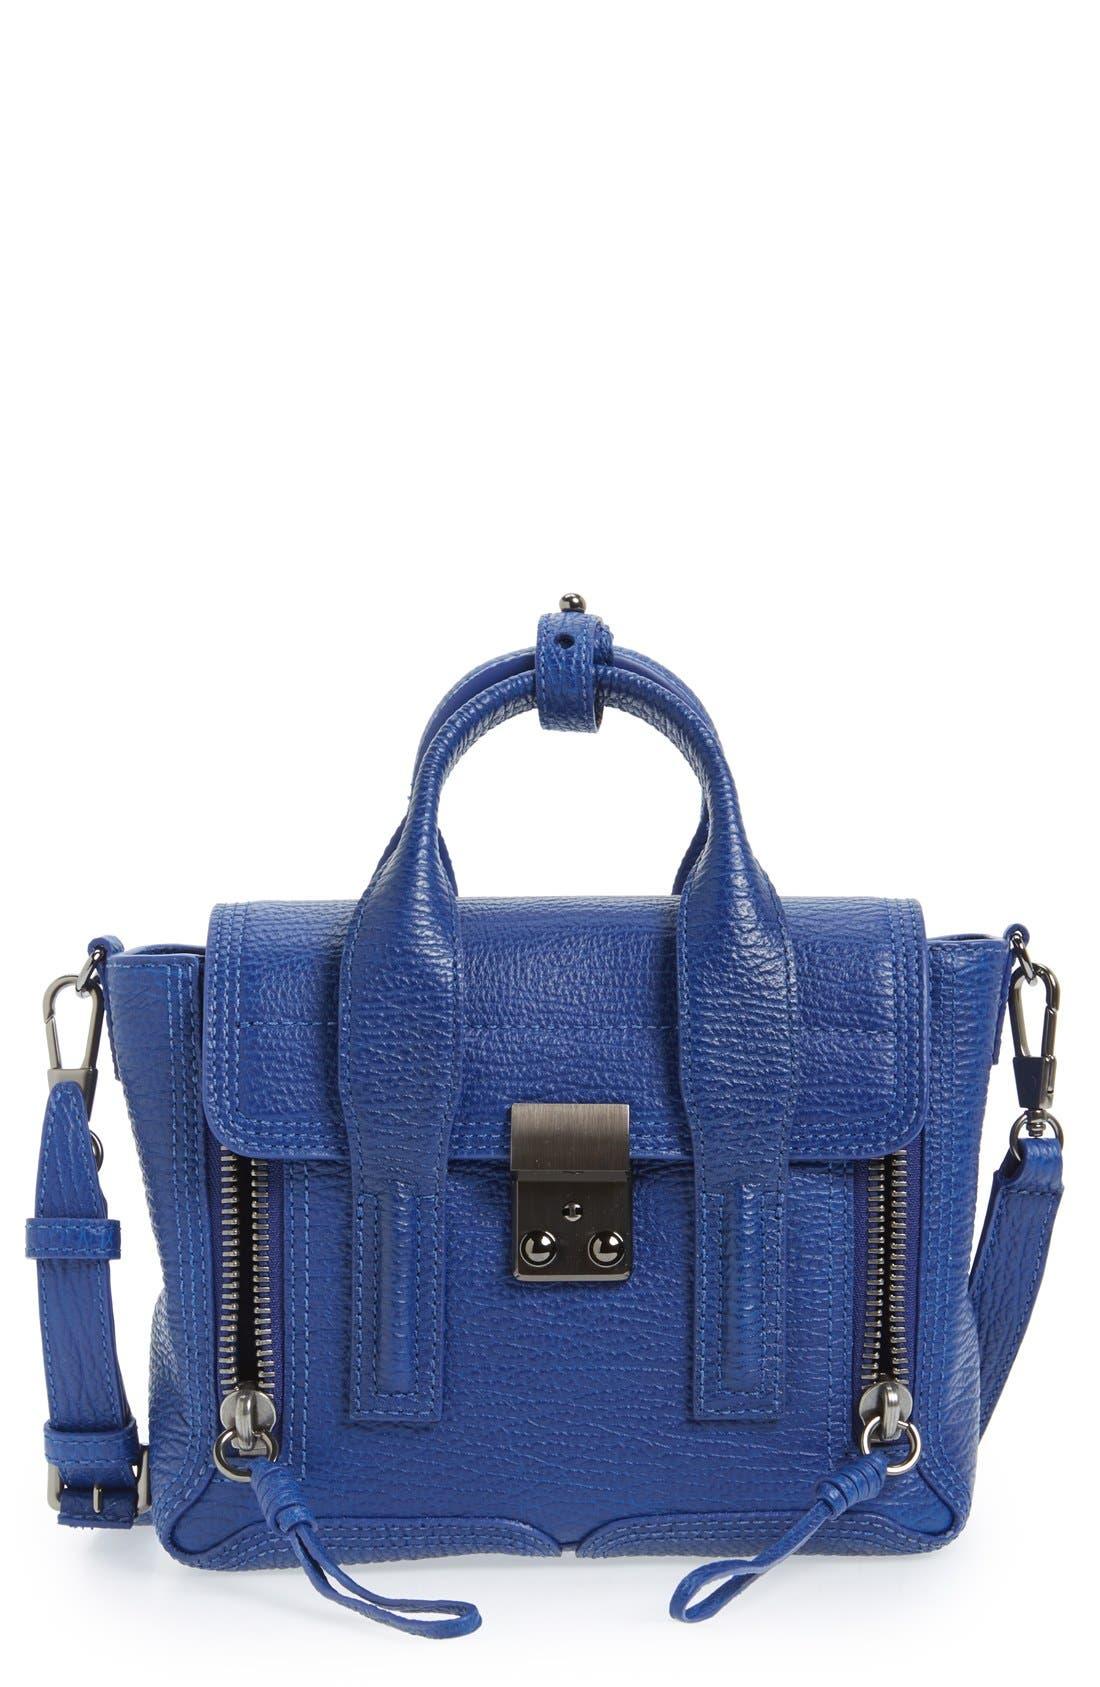 'Mini Pashli' Leather Satchel,                             Main thumbnail 1, color,                             Cobalt